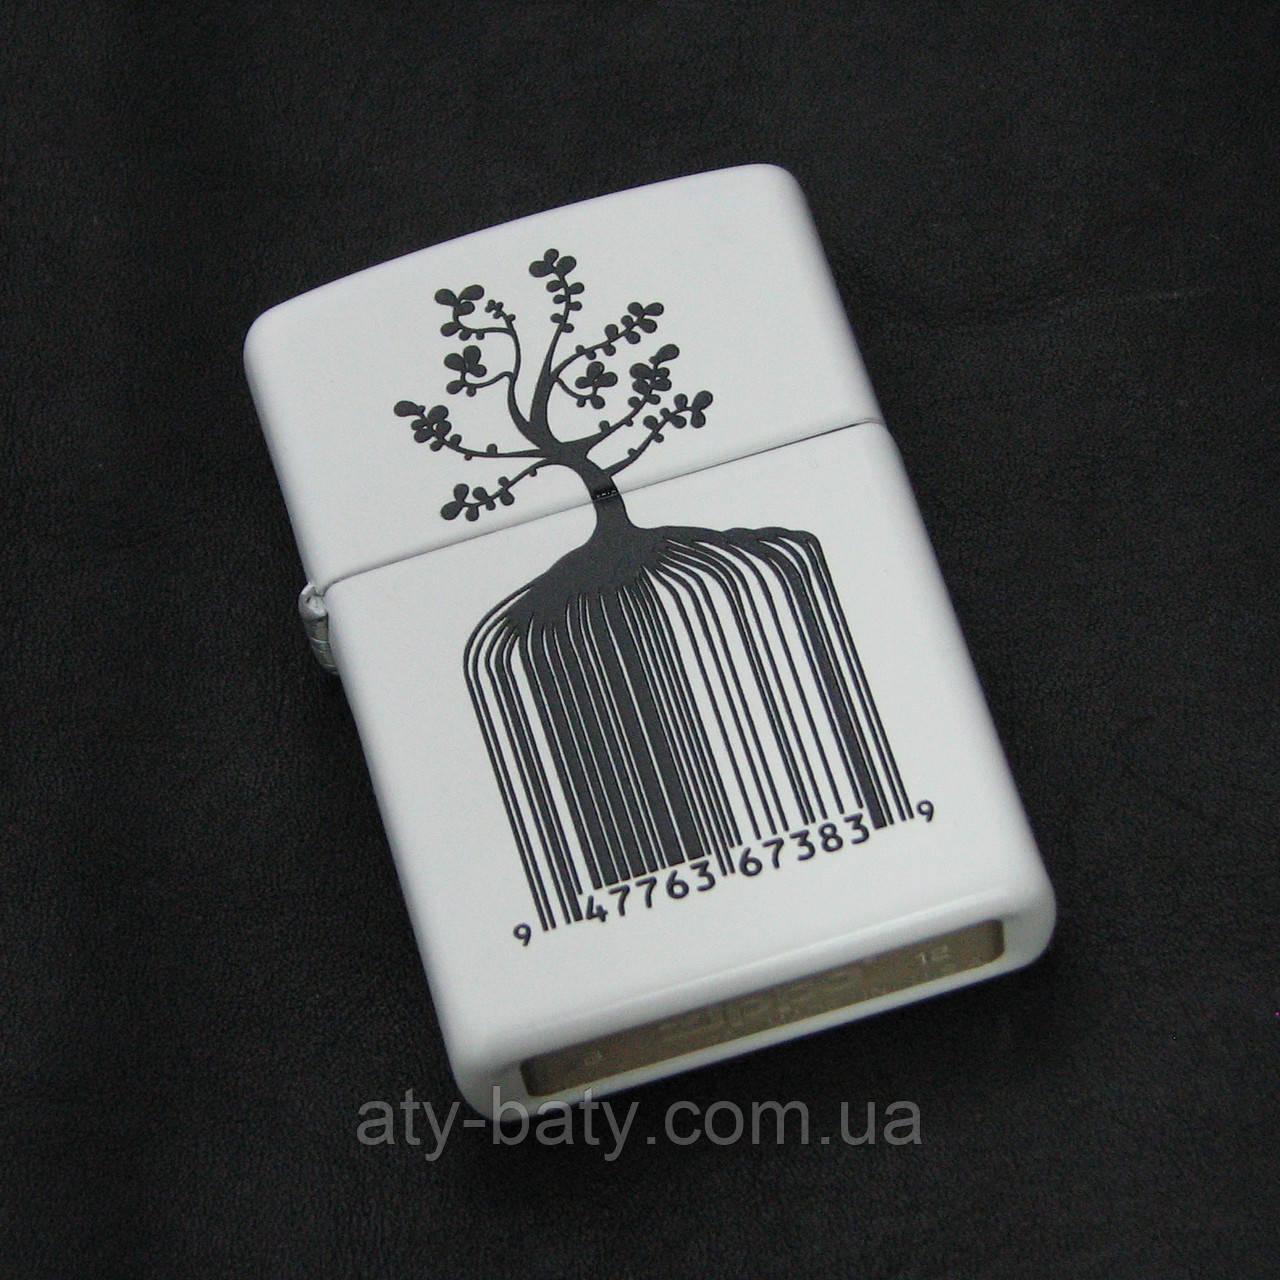 Зажигалка Zippo 28296 Identity Tree Barcode Lighter